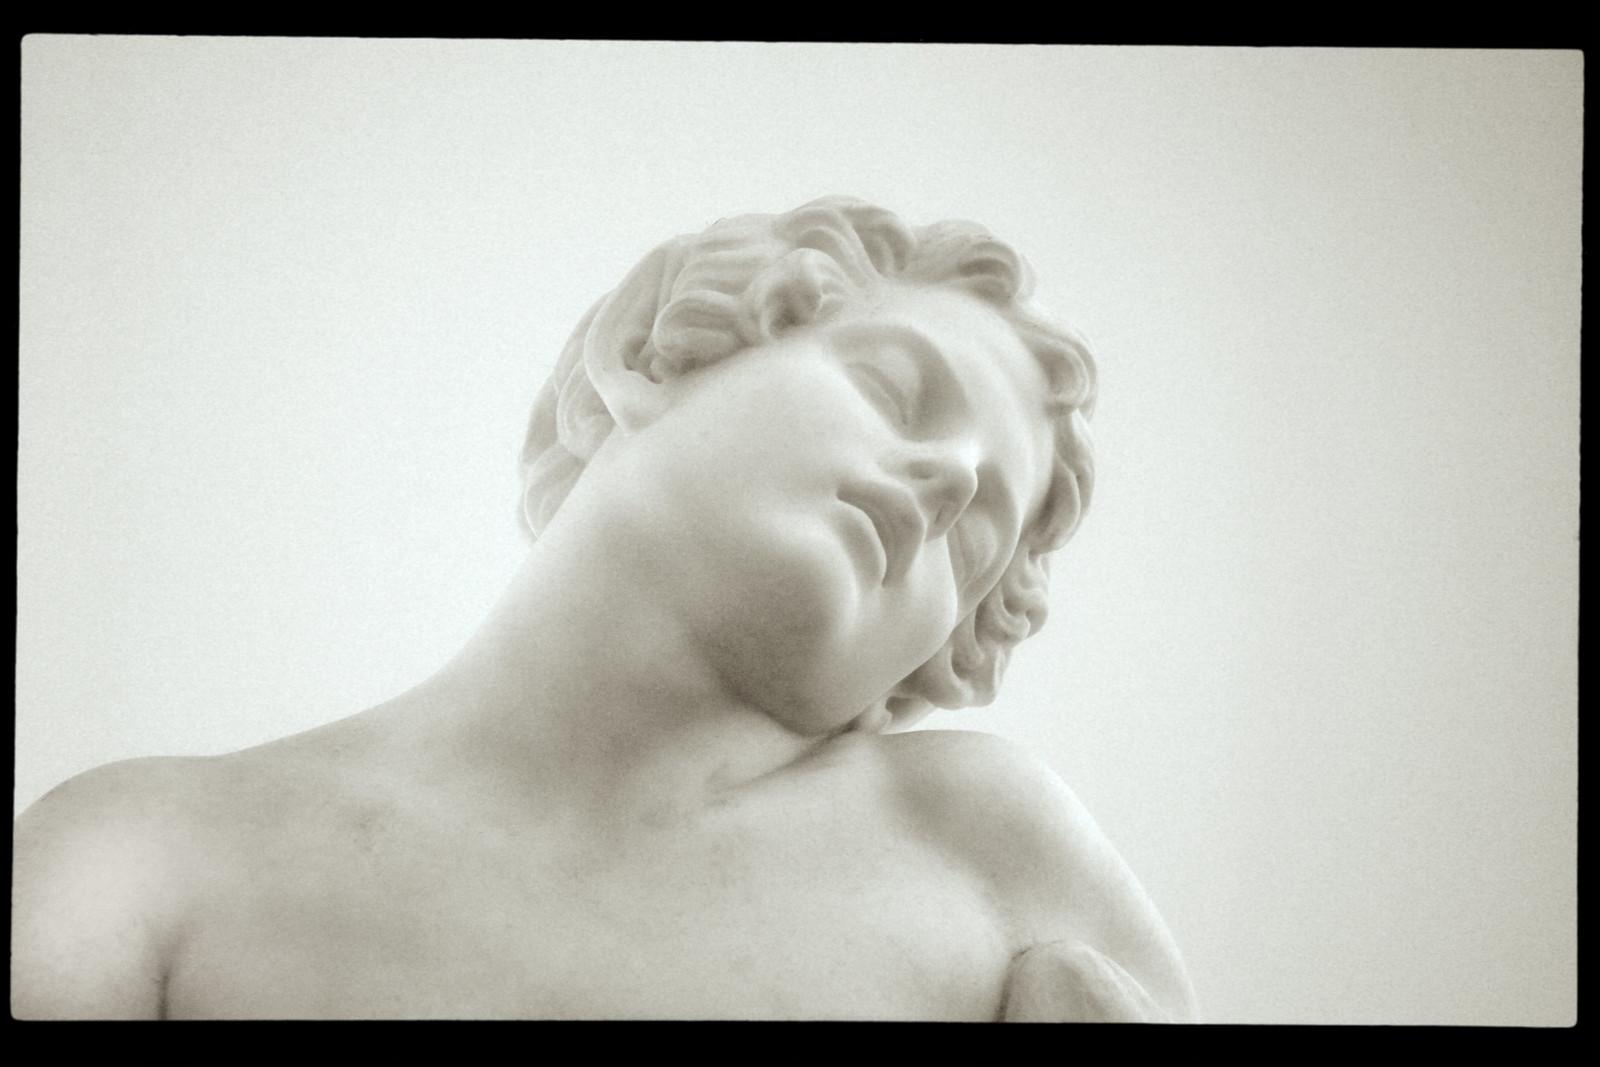 Sculpture, High Museum of Art